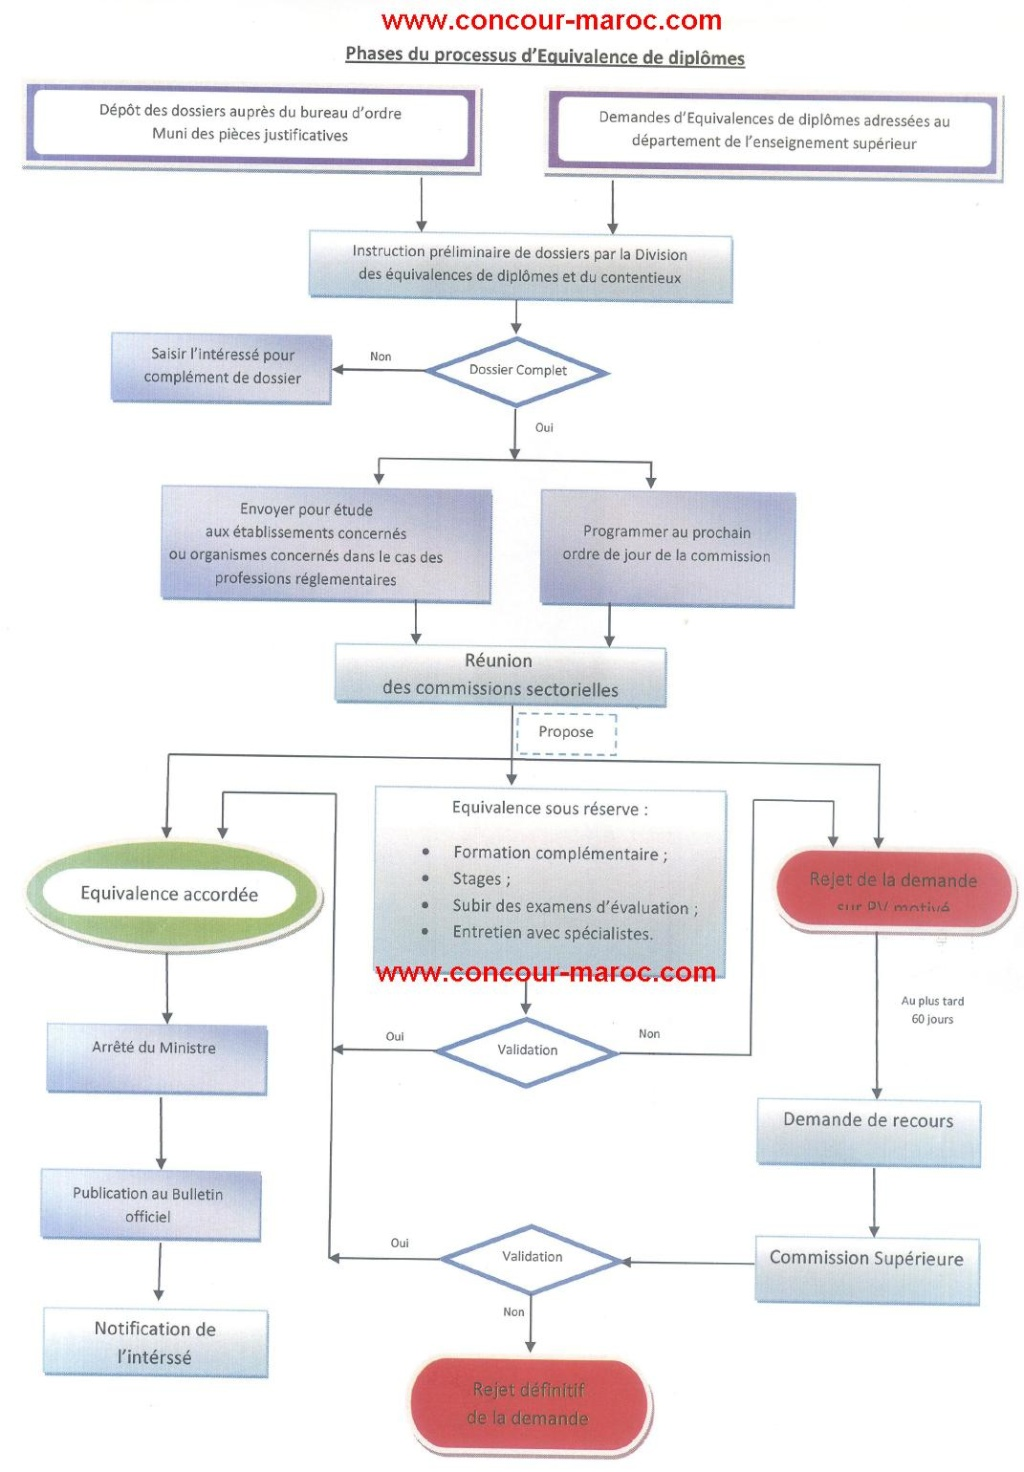 الوثائق الواجب الإدلاء بها لتكوين ملف معادلة شهادة و مراحل الحصول على المعادلة بين الشهادات Concou76